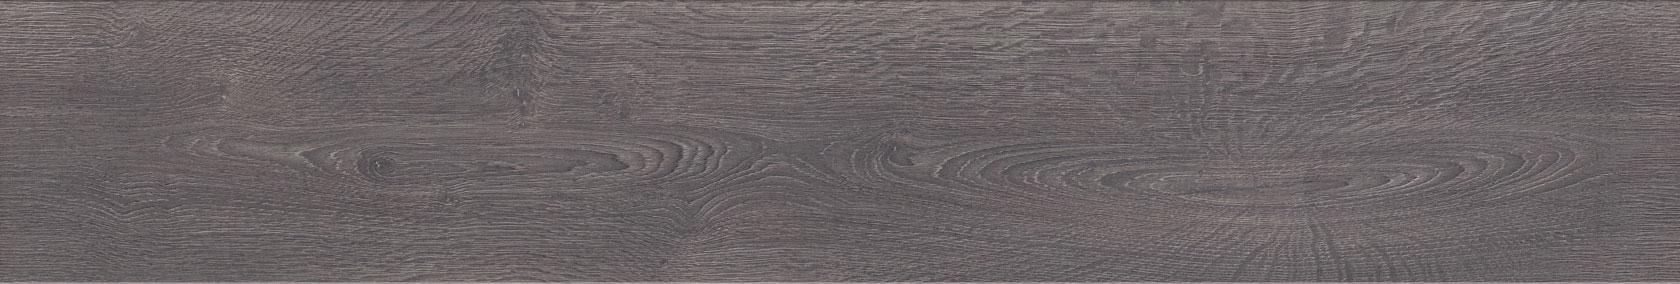 Wide Plank Fontana